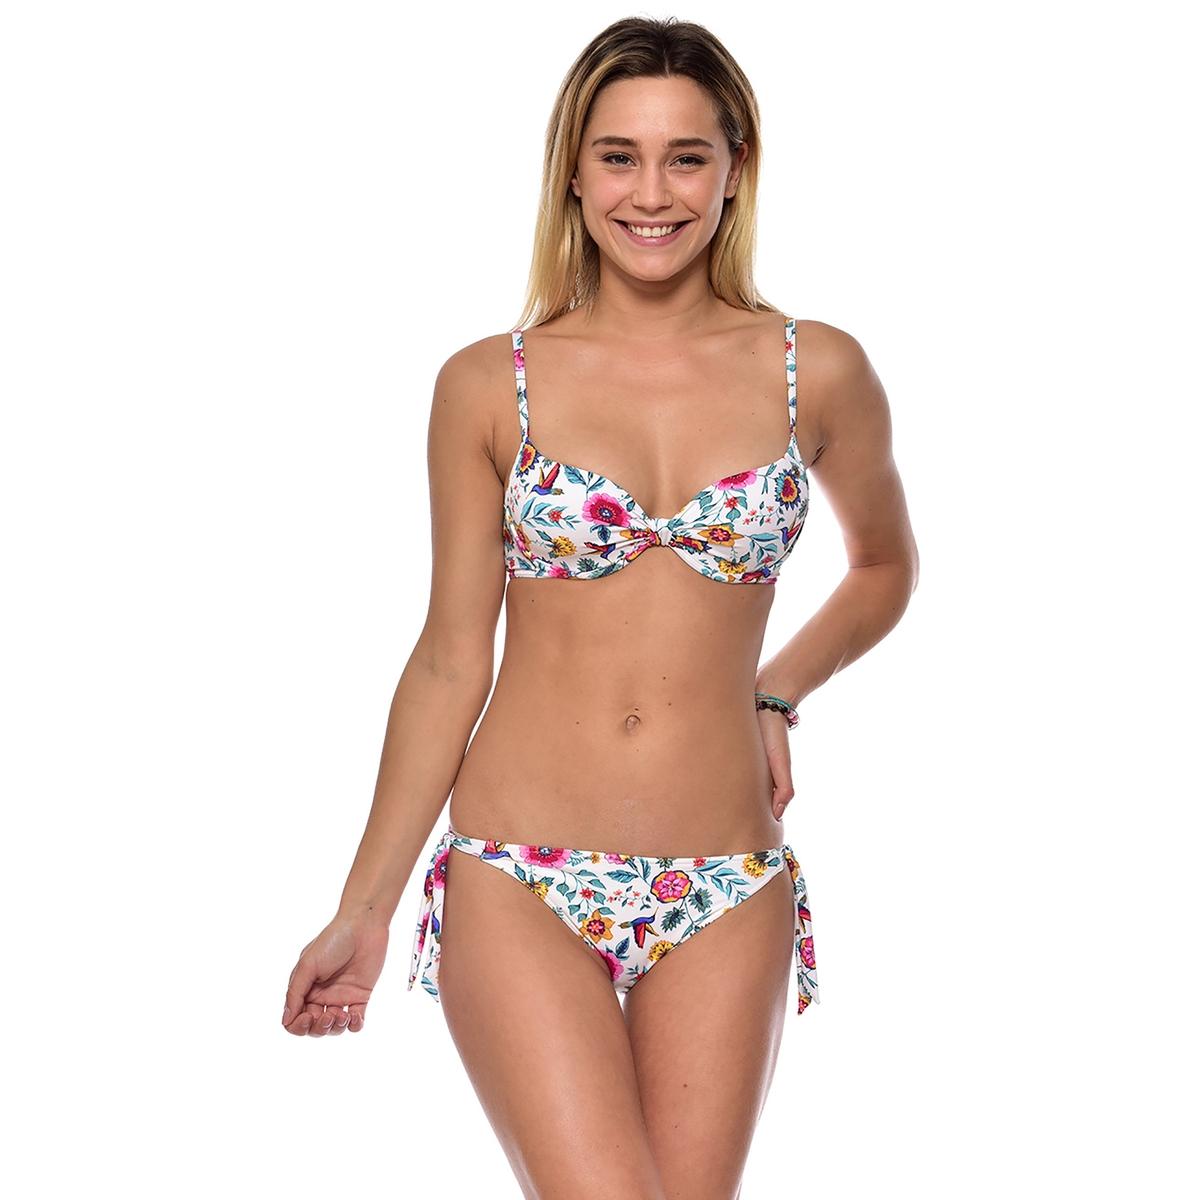 Плавки от купальника с цветочным рисунком, форма бикини цены онлайн